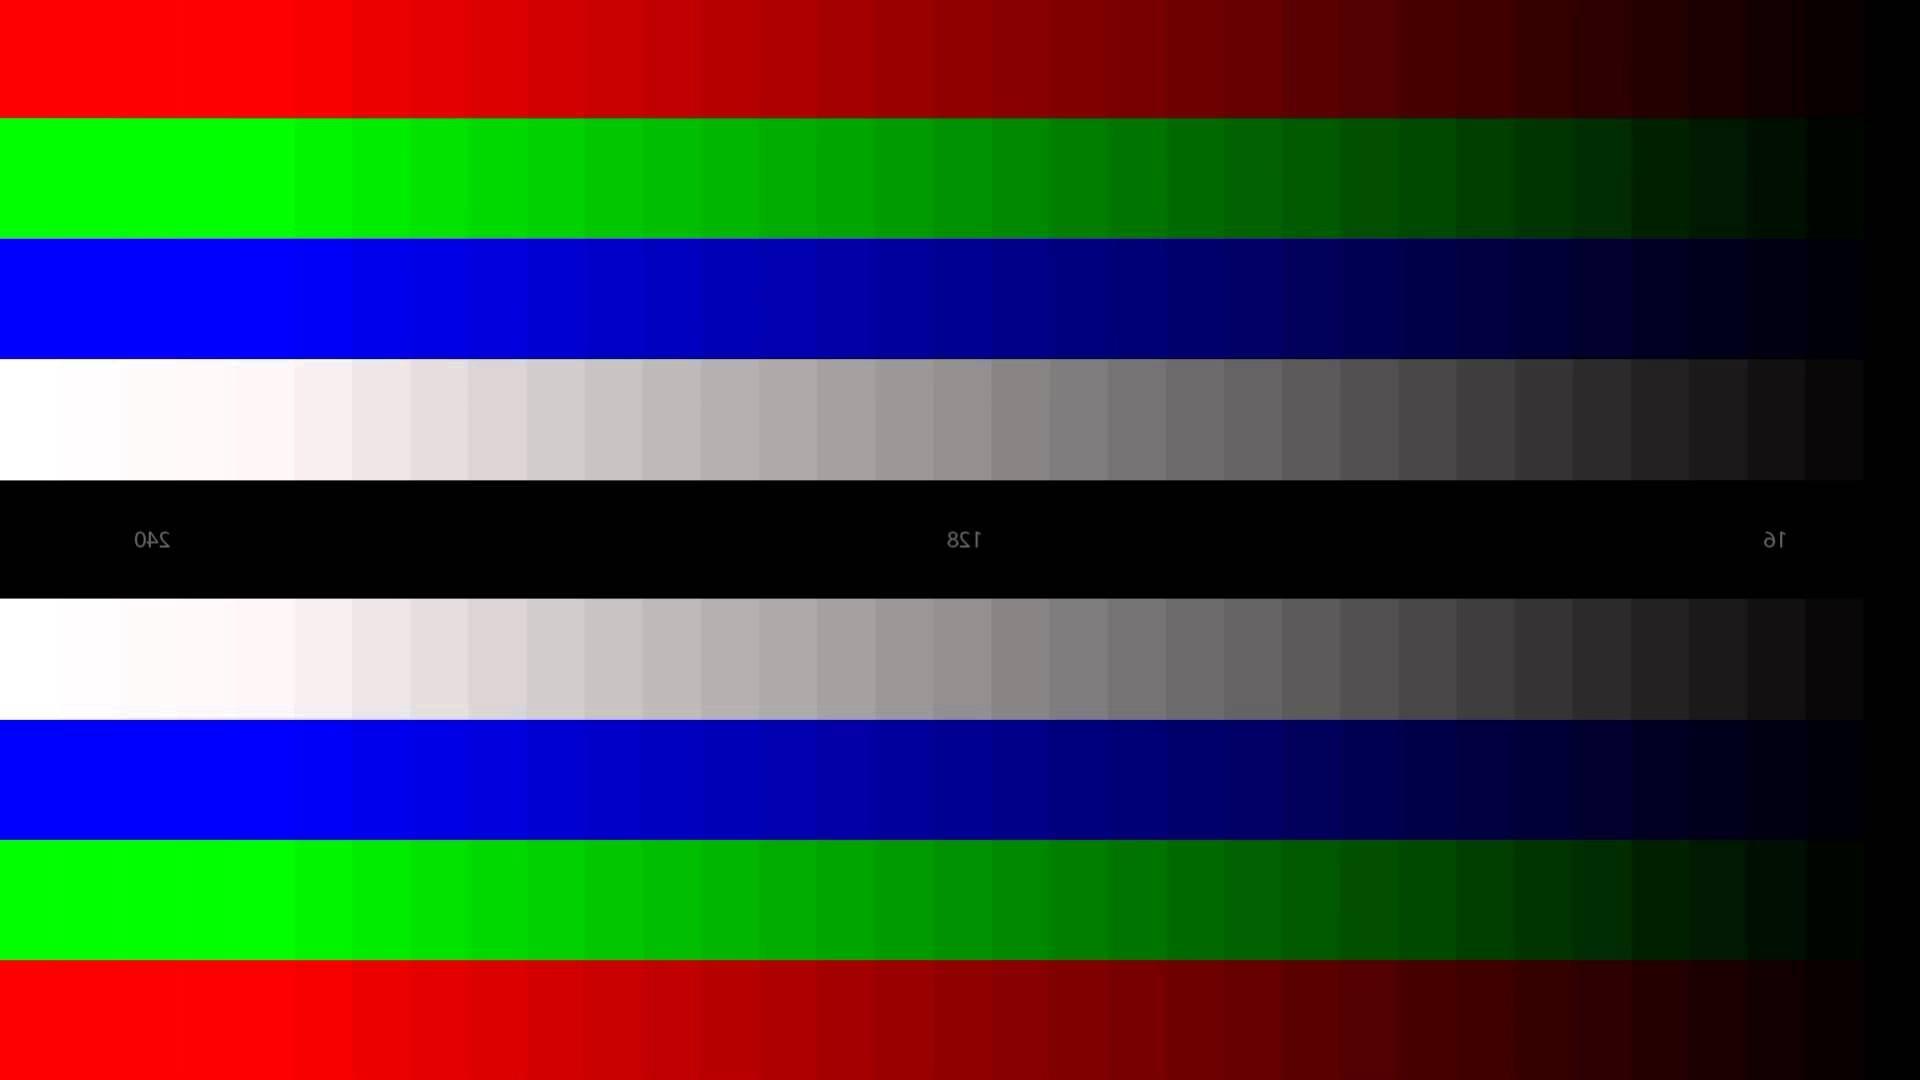 фотография для проверки пикселей айфона сытных